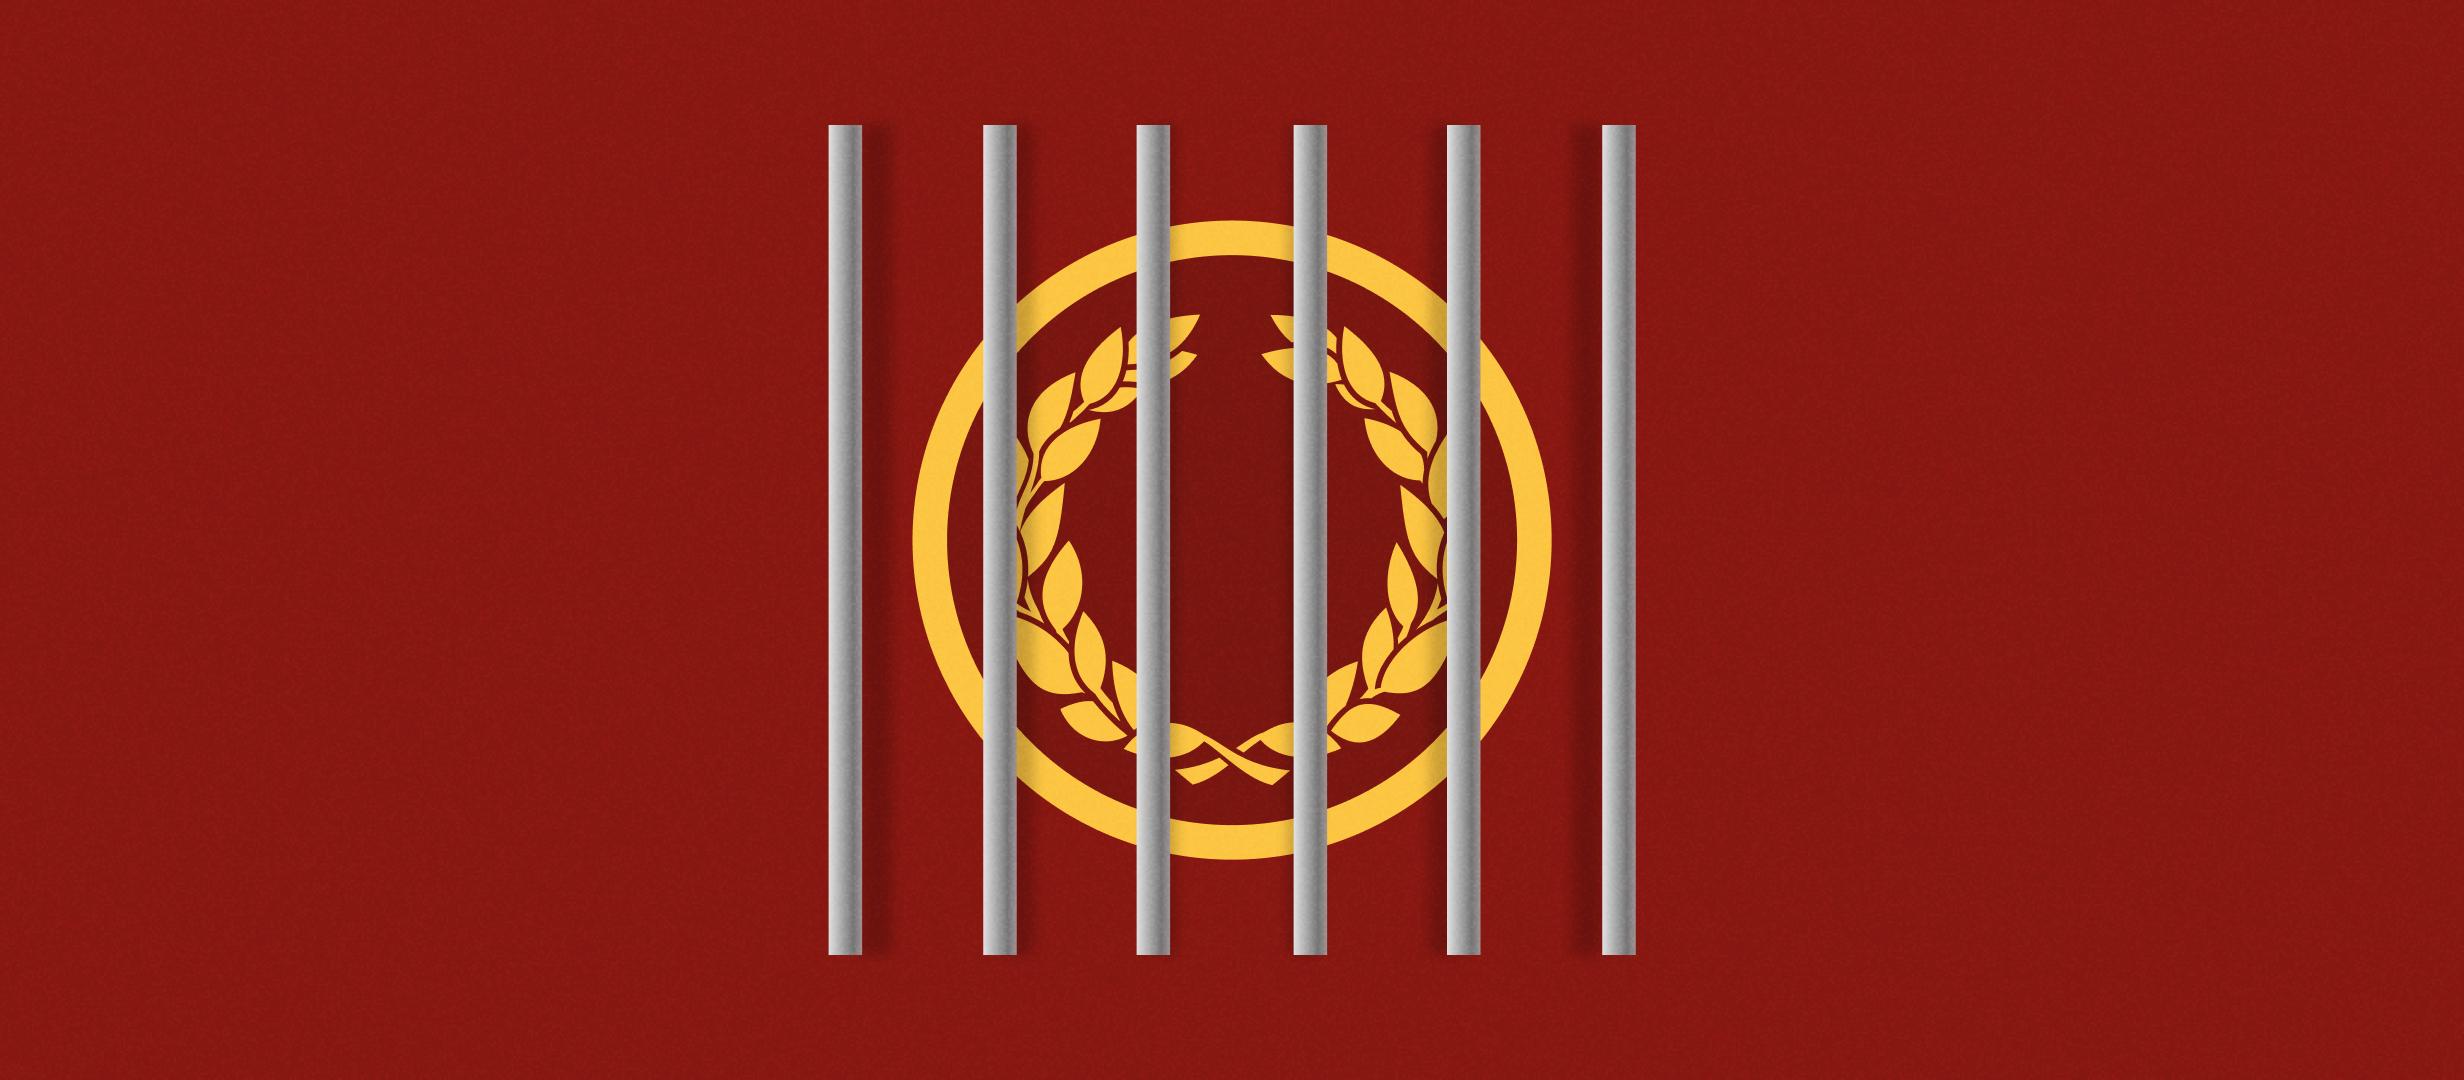 Сотрудники «Олимпа» получили от 5 до 8,5 лет лишения свободы